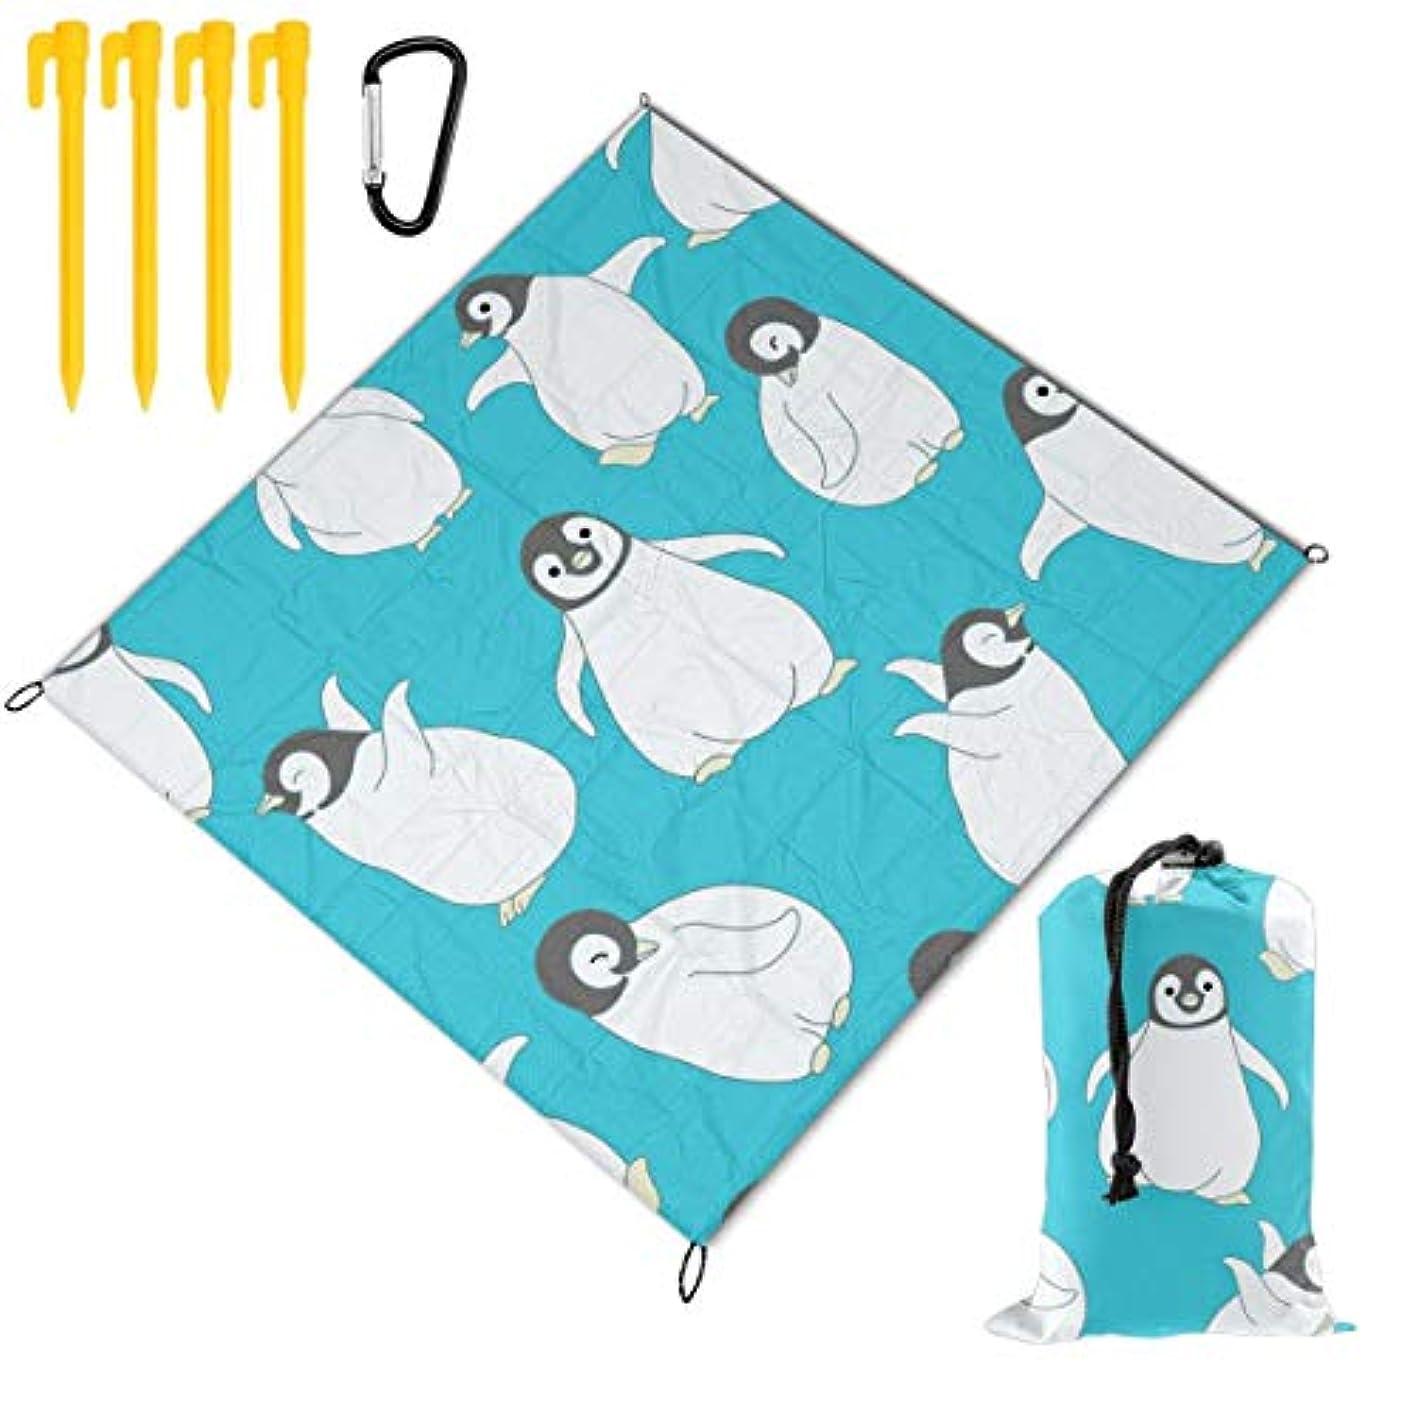 構造マラドロイト固める可愛い ペンギン 折り畳めるピクニックマット 防水防湿パッド 公園マット キャンプマット 超軽くて便利な携帯用防水ピクニックマット 145x150cm